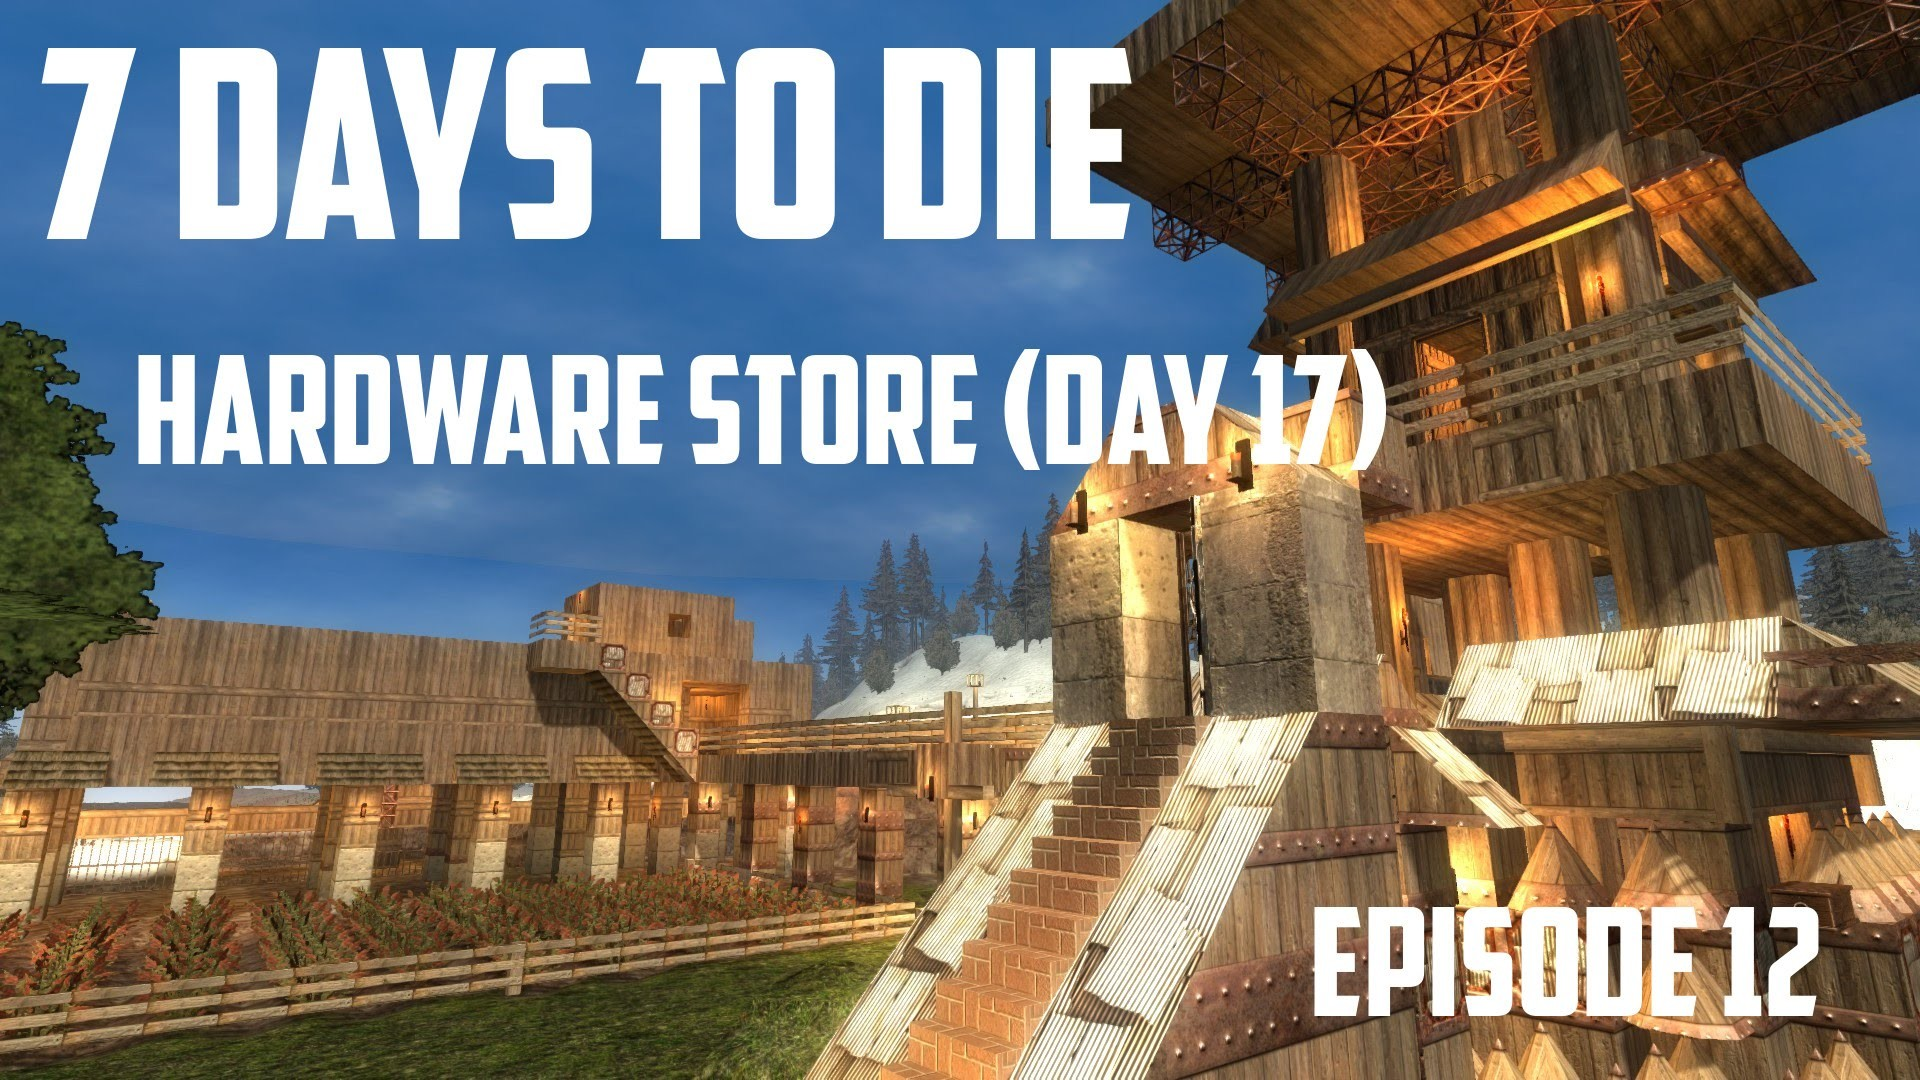 7 Days to Die (alpha 12.4) – Hardware Store (Day 17)